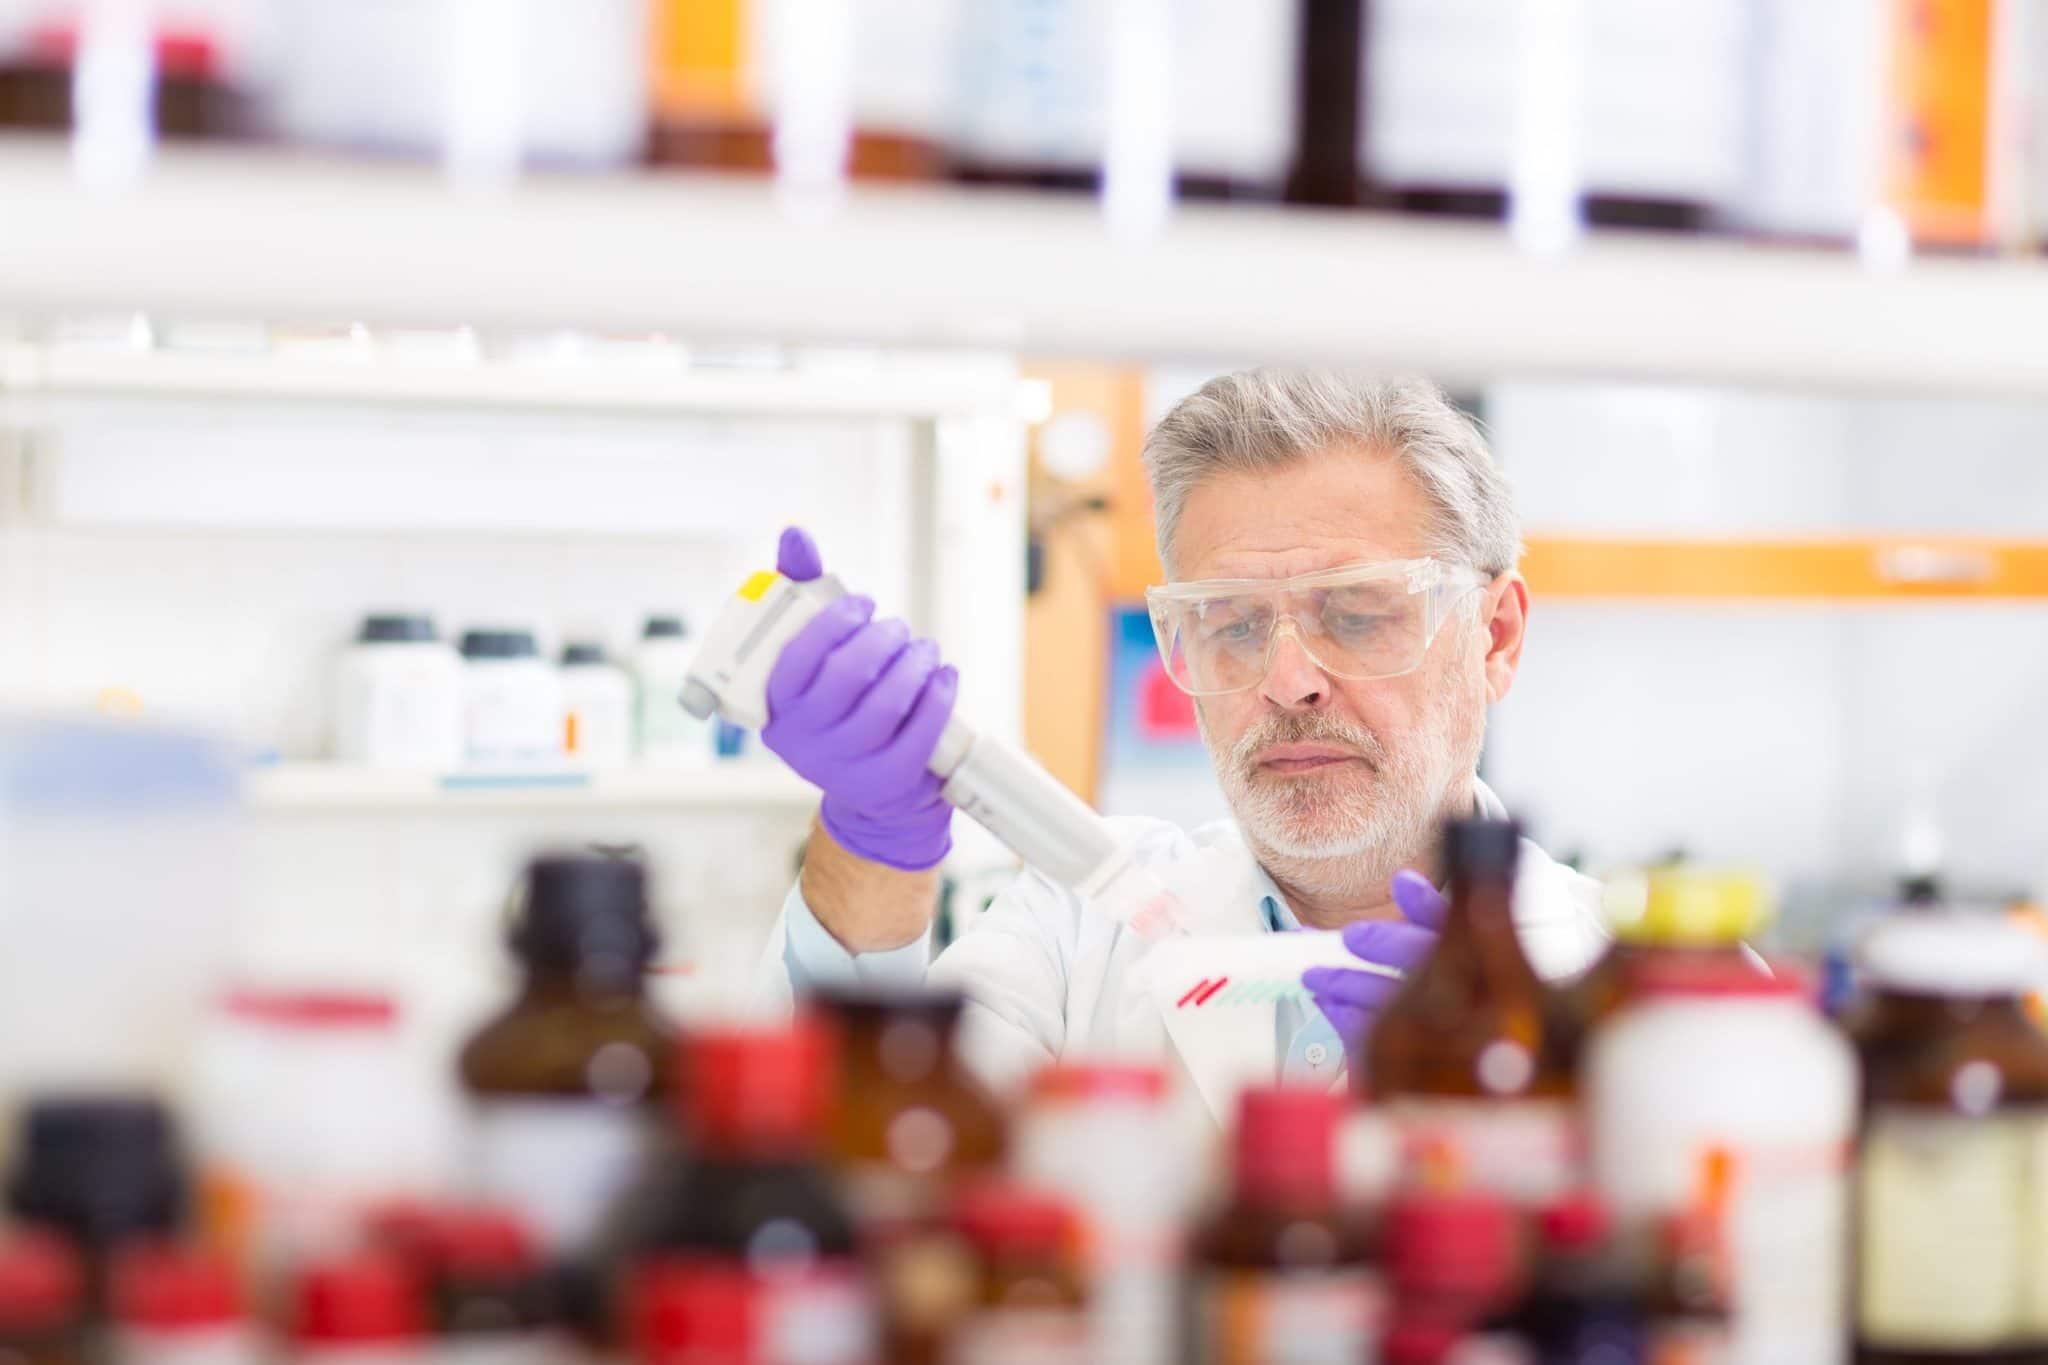 Pharmacist customizing medication